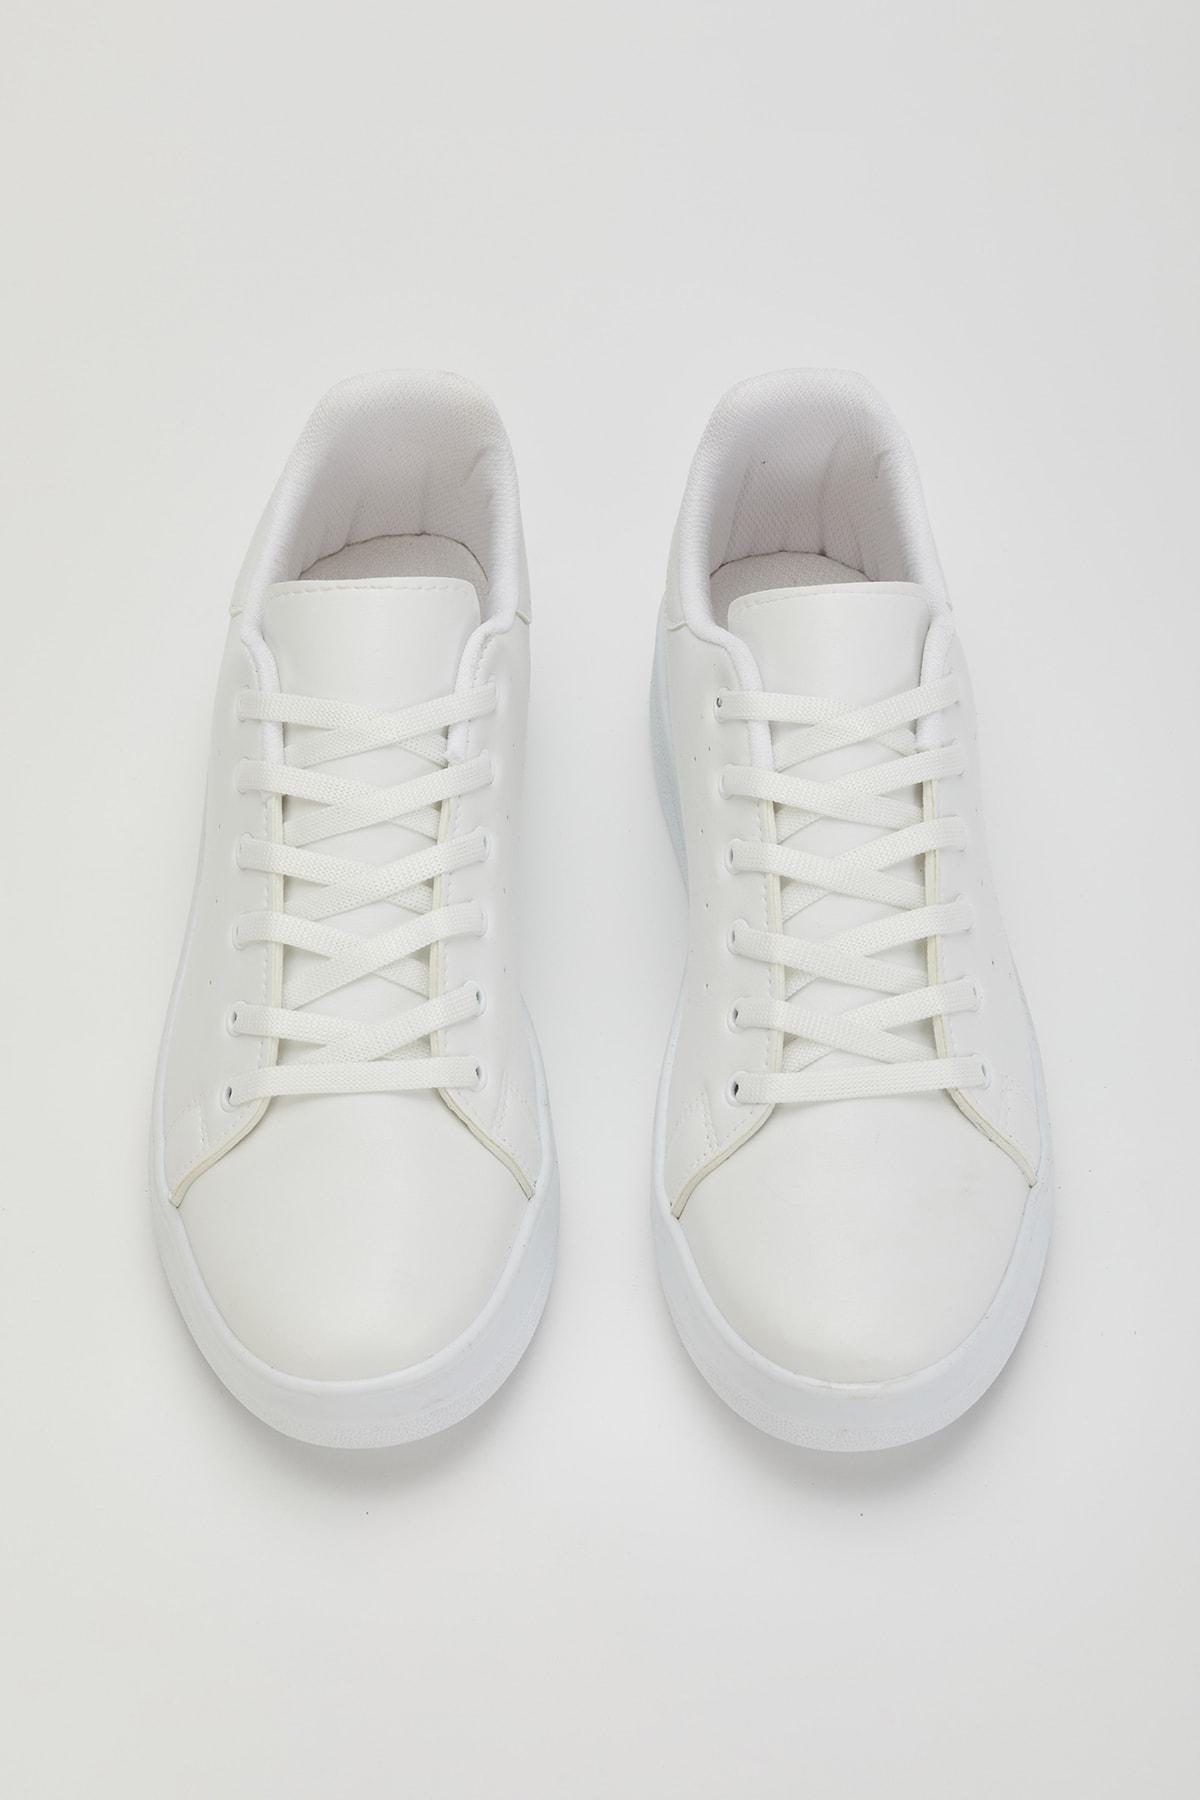 MUGGO Unisex Beyaz Sneaker Ayakkabı Svt21 2